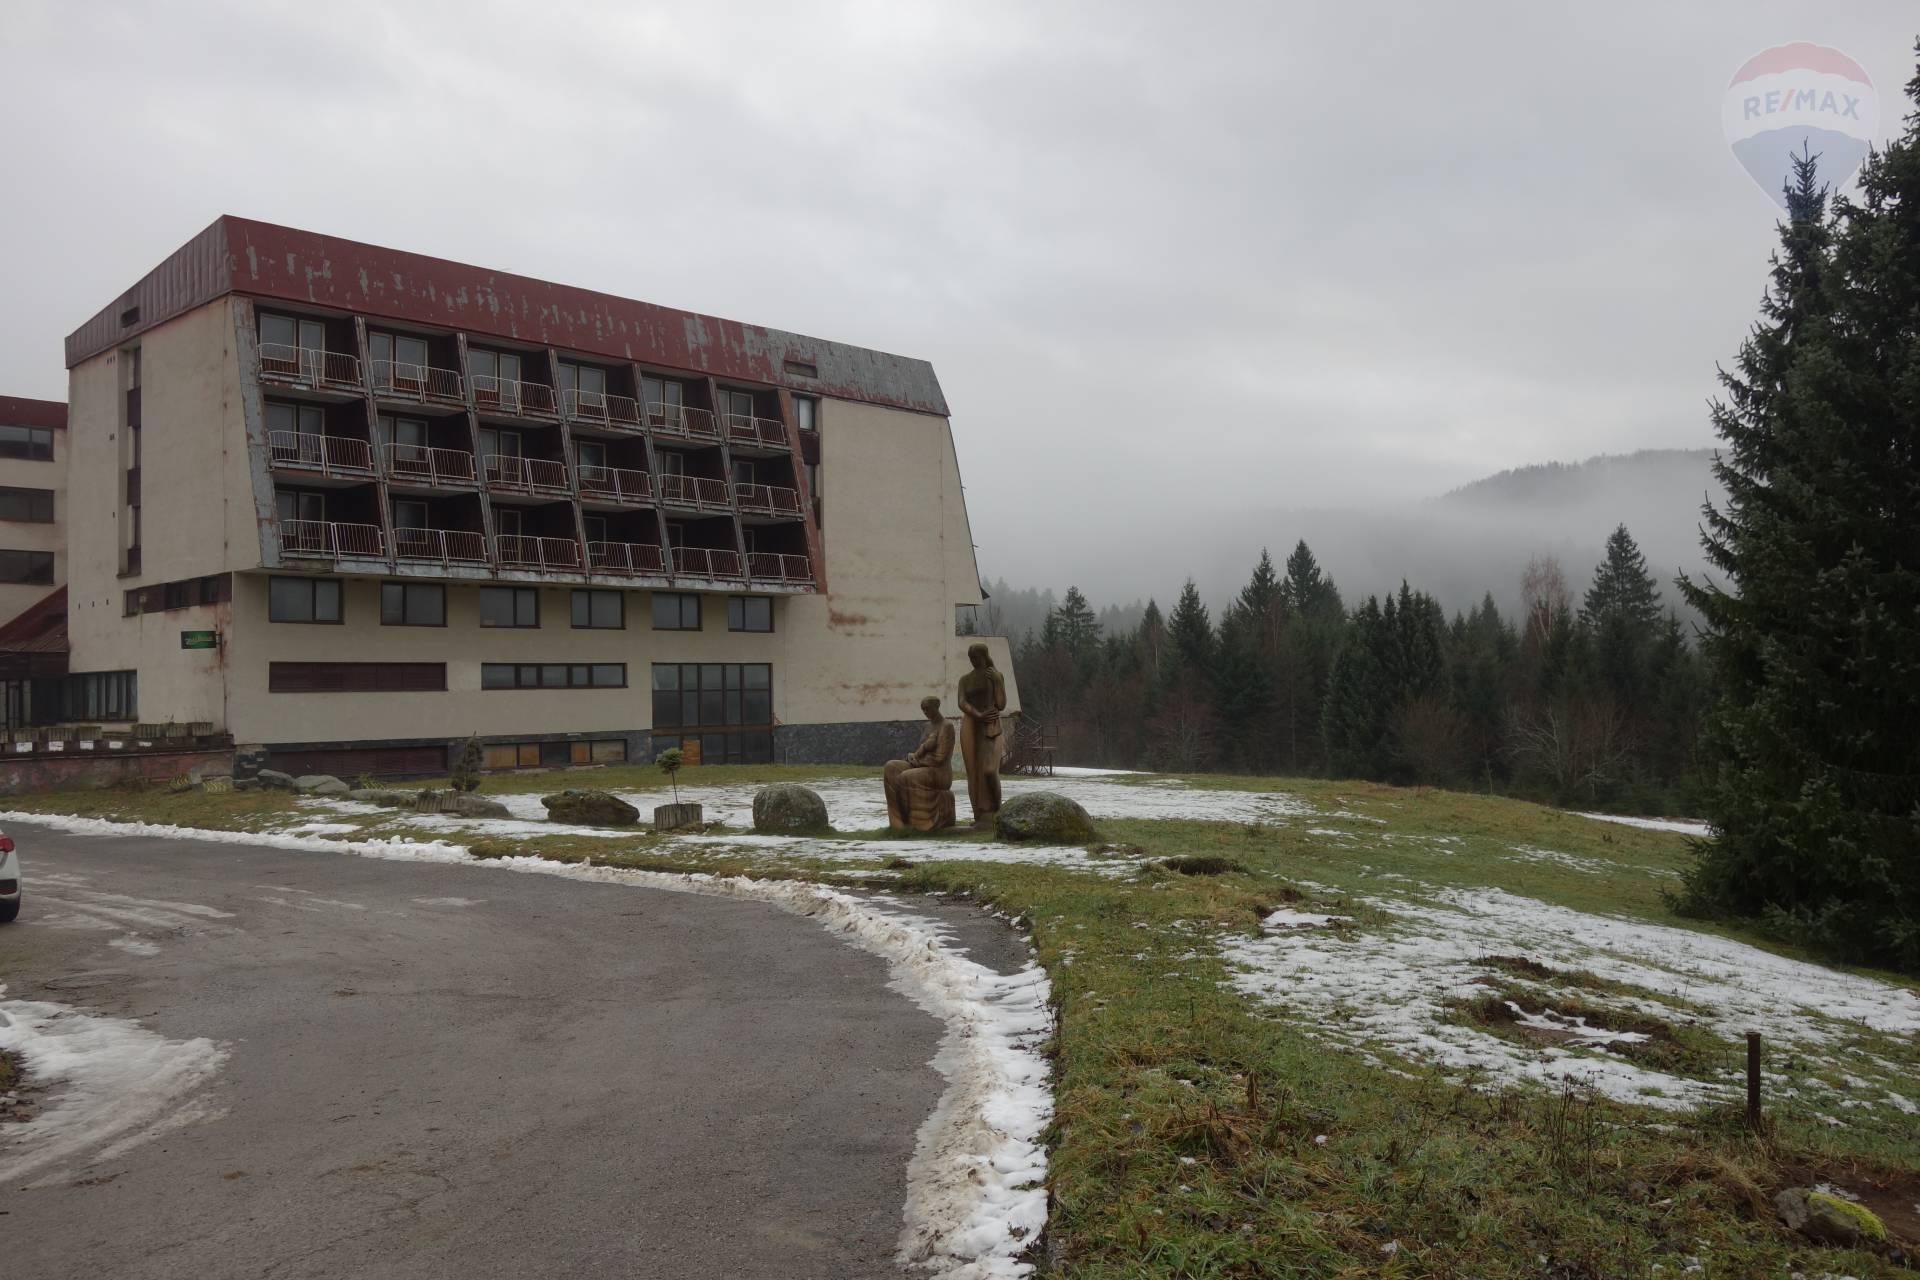 Predaj: Hotel JUNIOR v rekreačnej oblasti Krpačovo, južná časť predhoria Nízkych Tatier